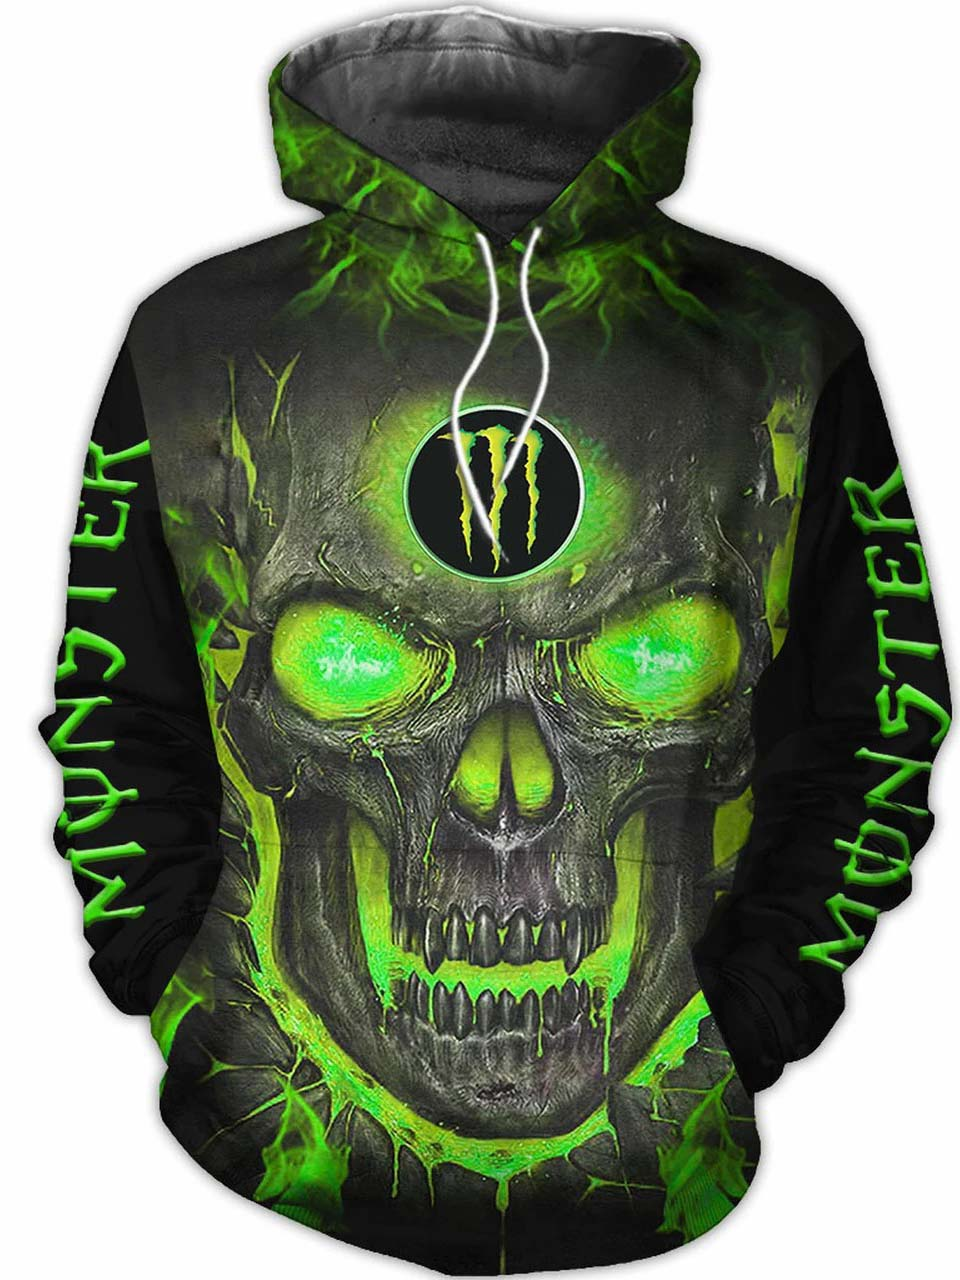 monster energy green lava skull all over printed shirt 2